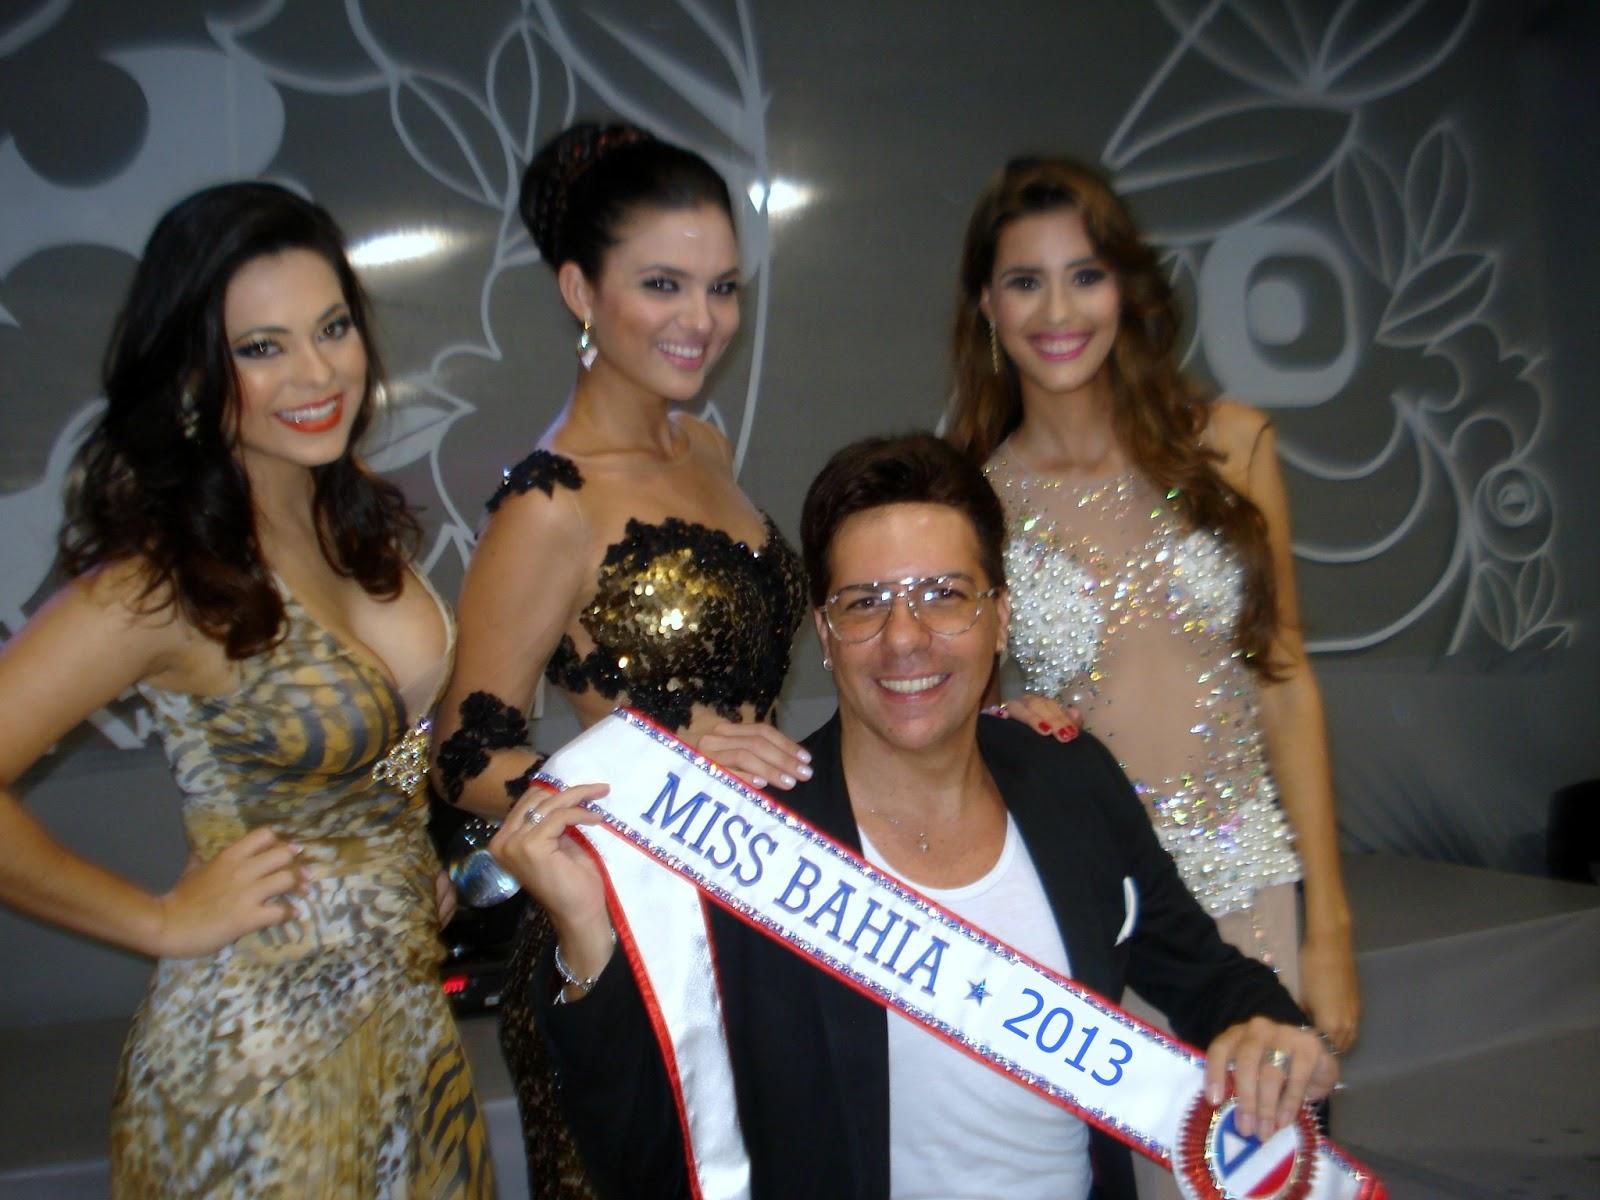 9a298d736812c No embalo da noite, Fábio aproveitou a ocasião e comemorou a vitória de  Priscila, ao lado de outras misses Bahia como Paloma Vega, Gabriela Rocha,  ...